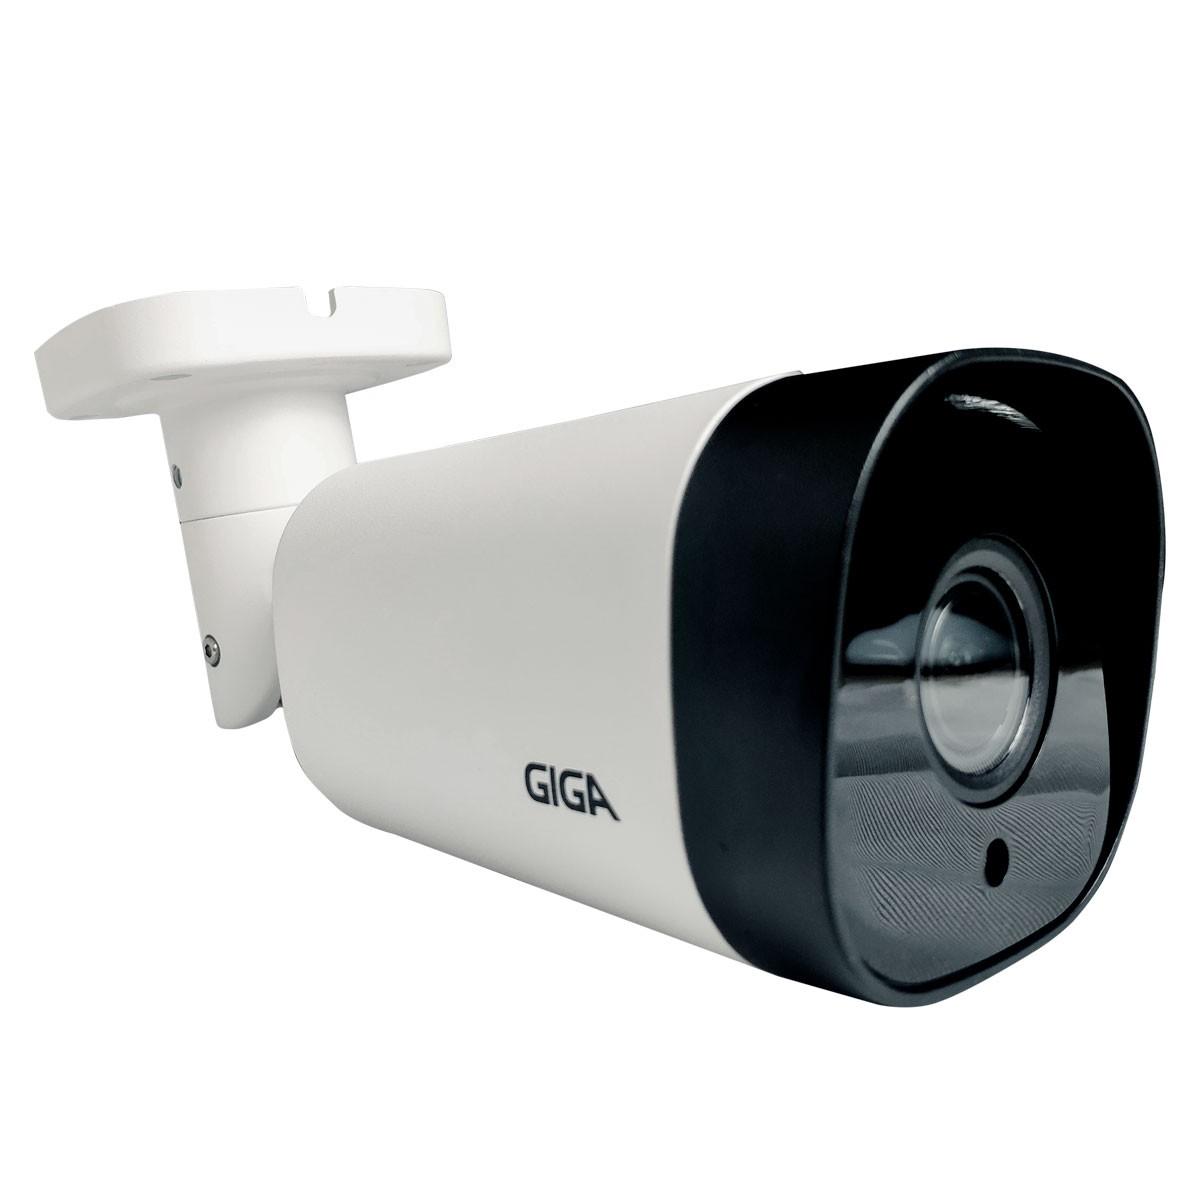 camera-bullet-varifocal-open-hd-1080p-full-hd-starvis-gs0058-wdr-50-metros-de-infravermelho